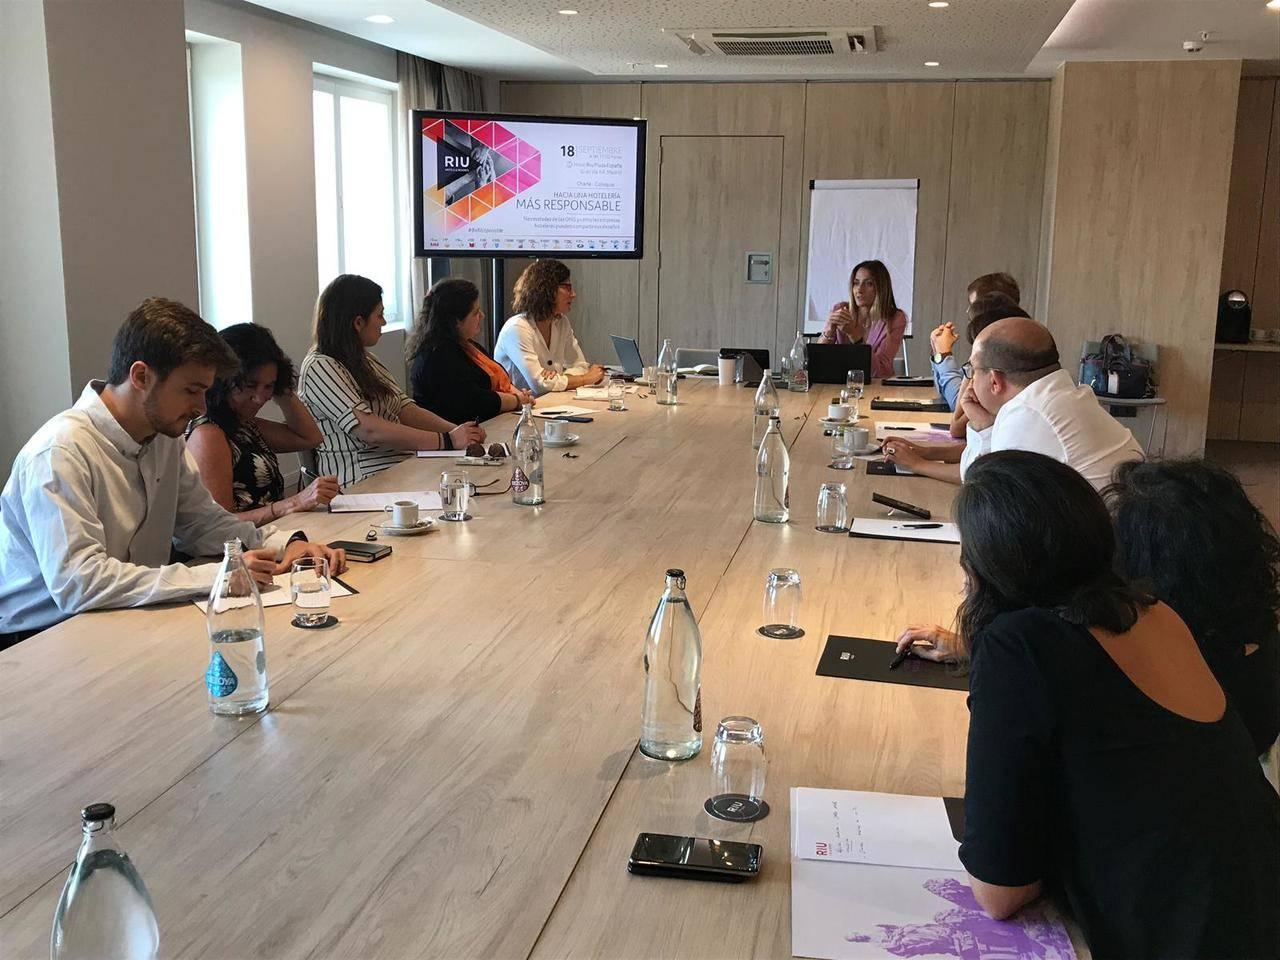 RIU ha aumentado su inversión en proyectos sociales y ambientales